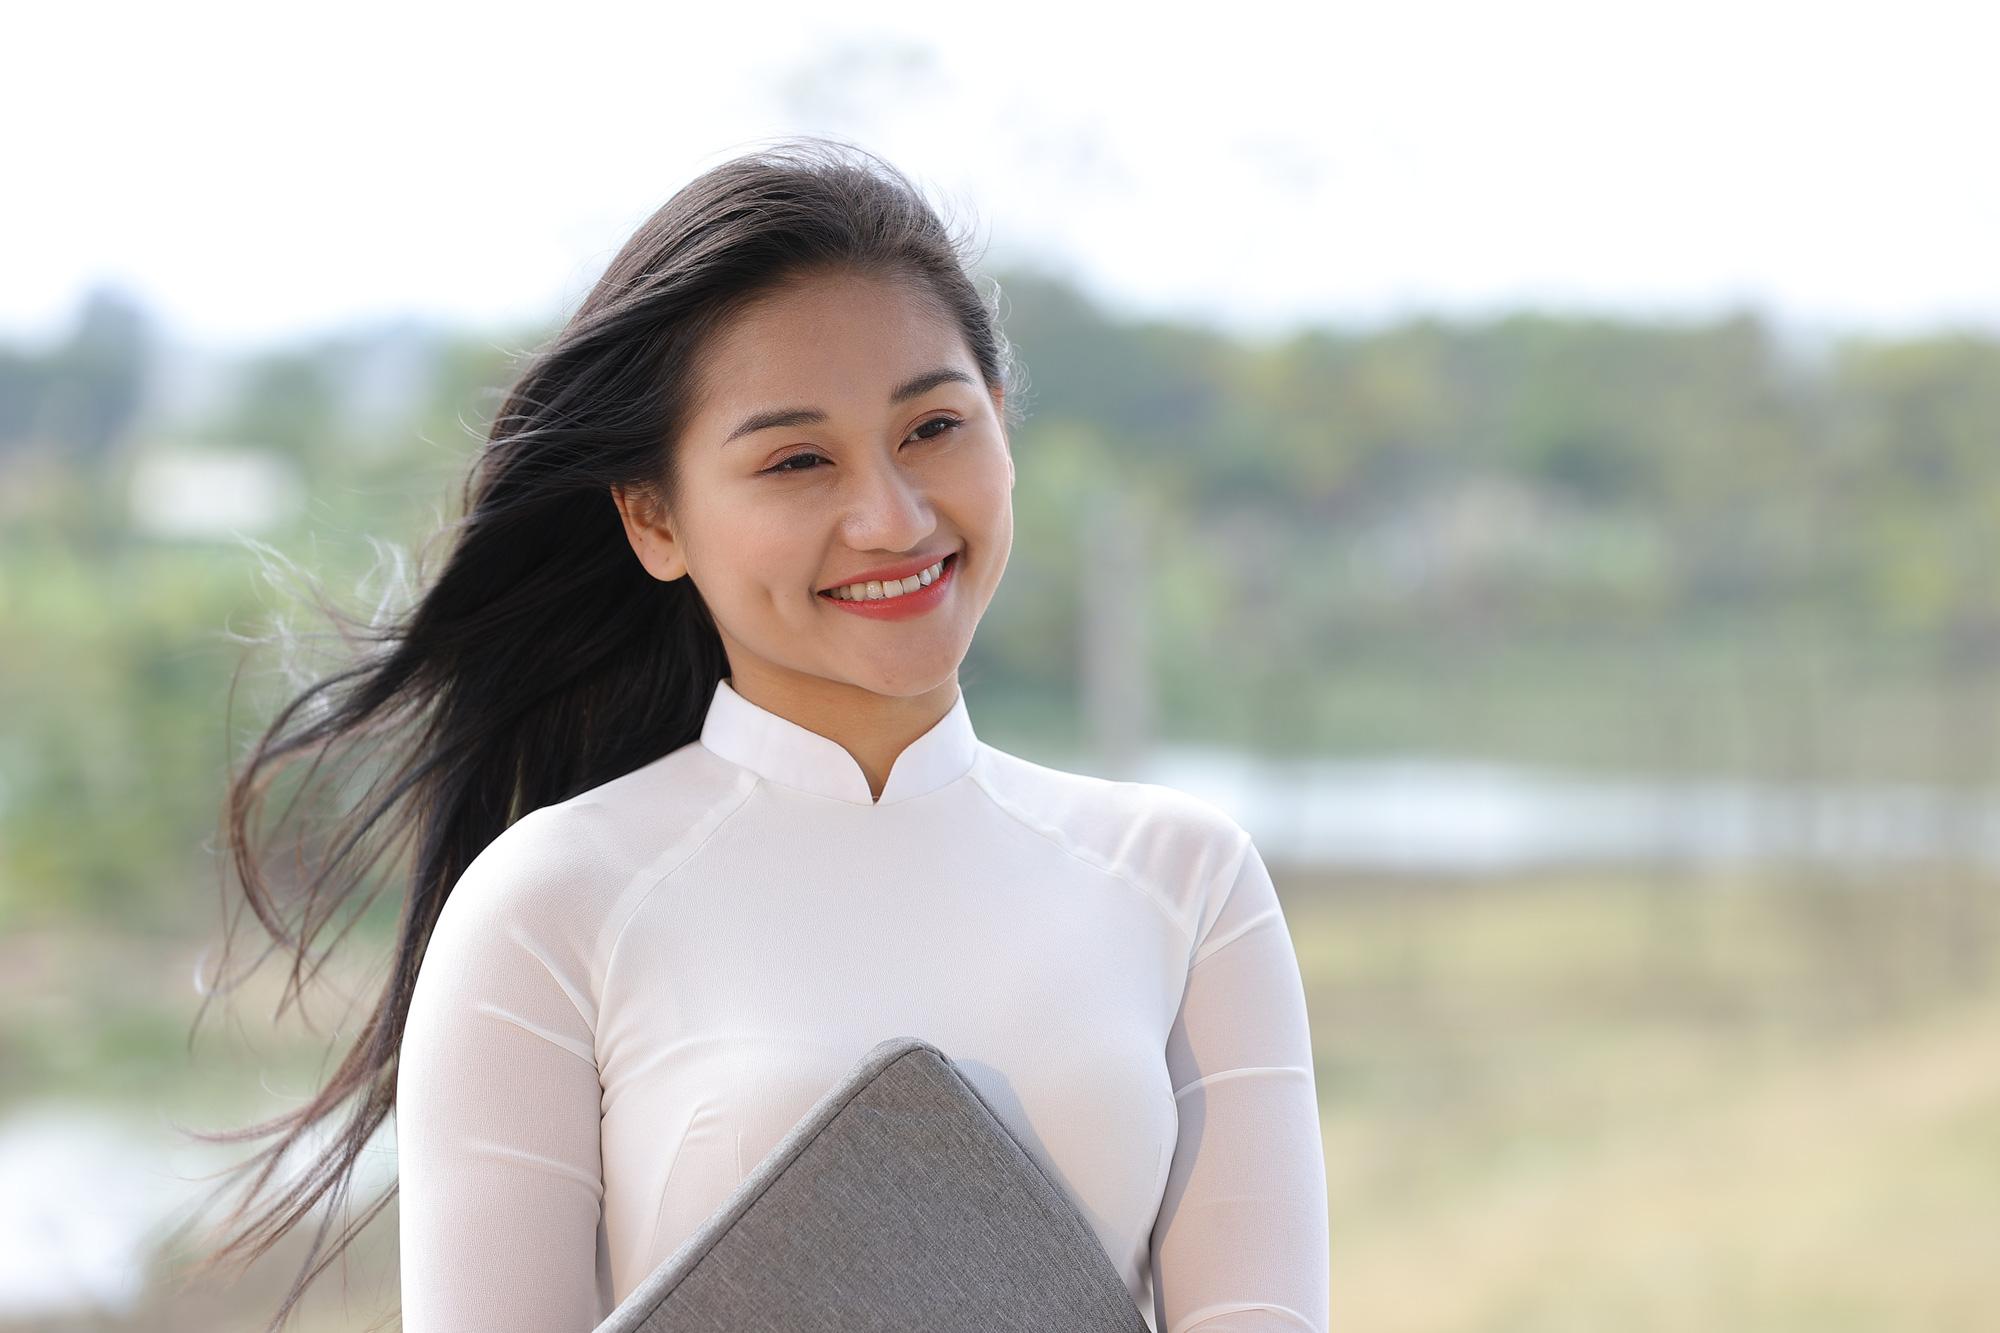 Á quân giọng hát hay Hà Nội tát bạn diễn sưng má trong phim ca nhạc - Ảnh 2.